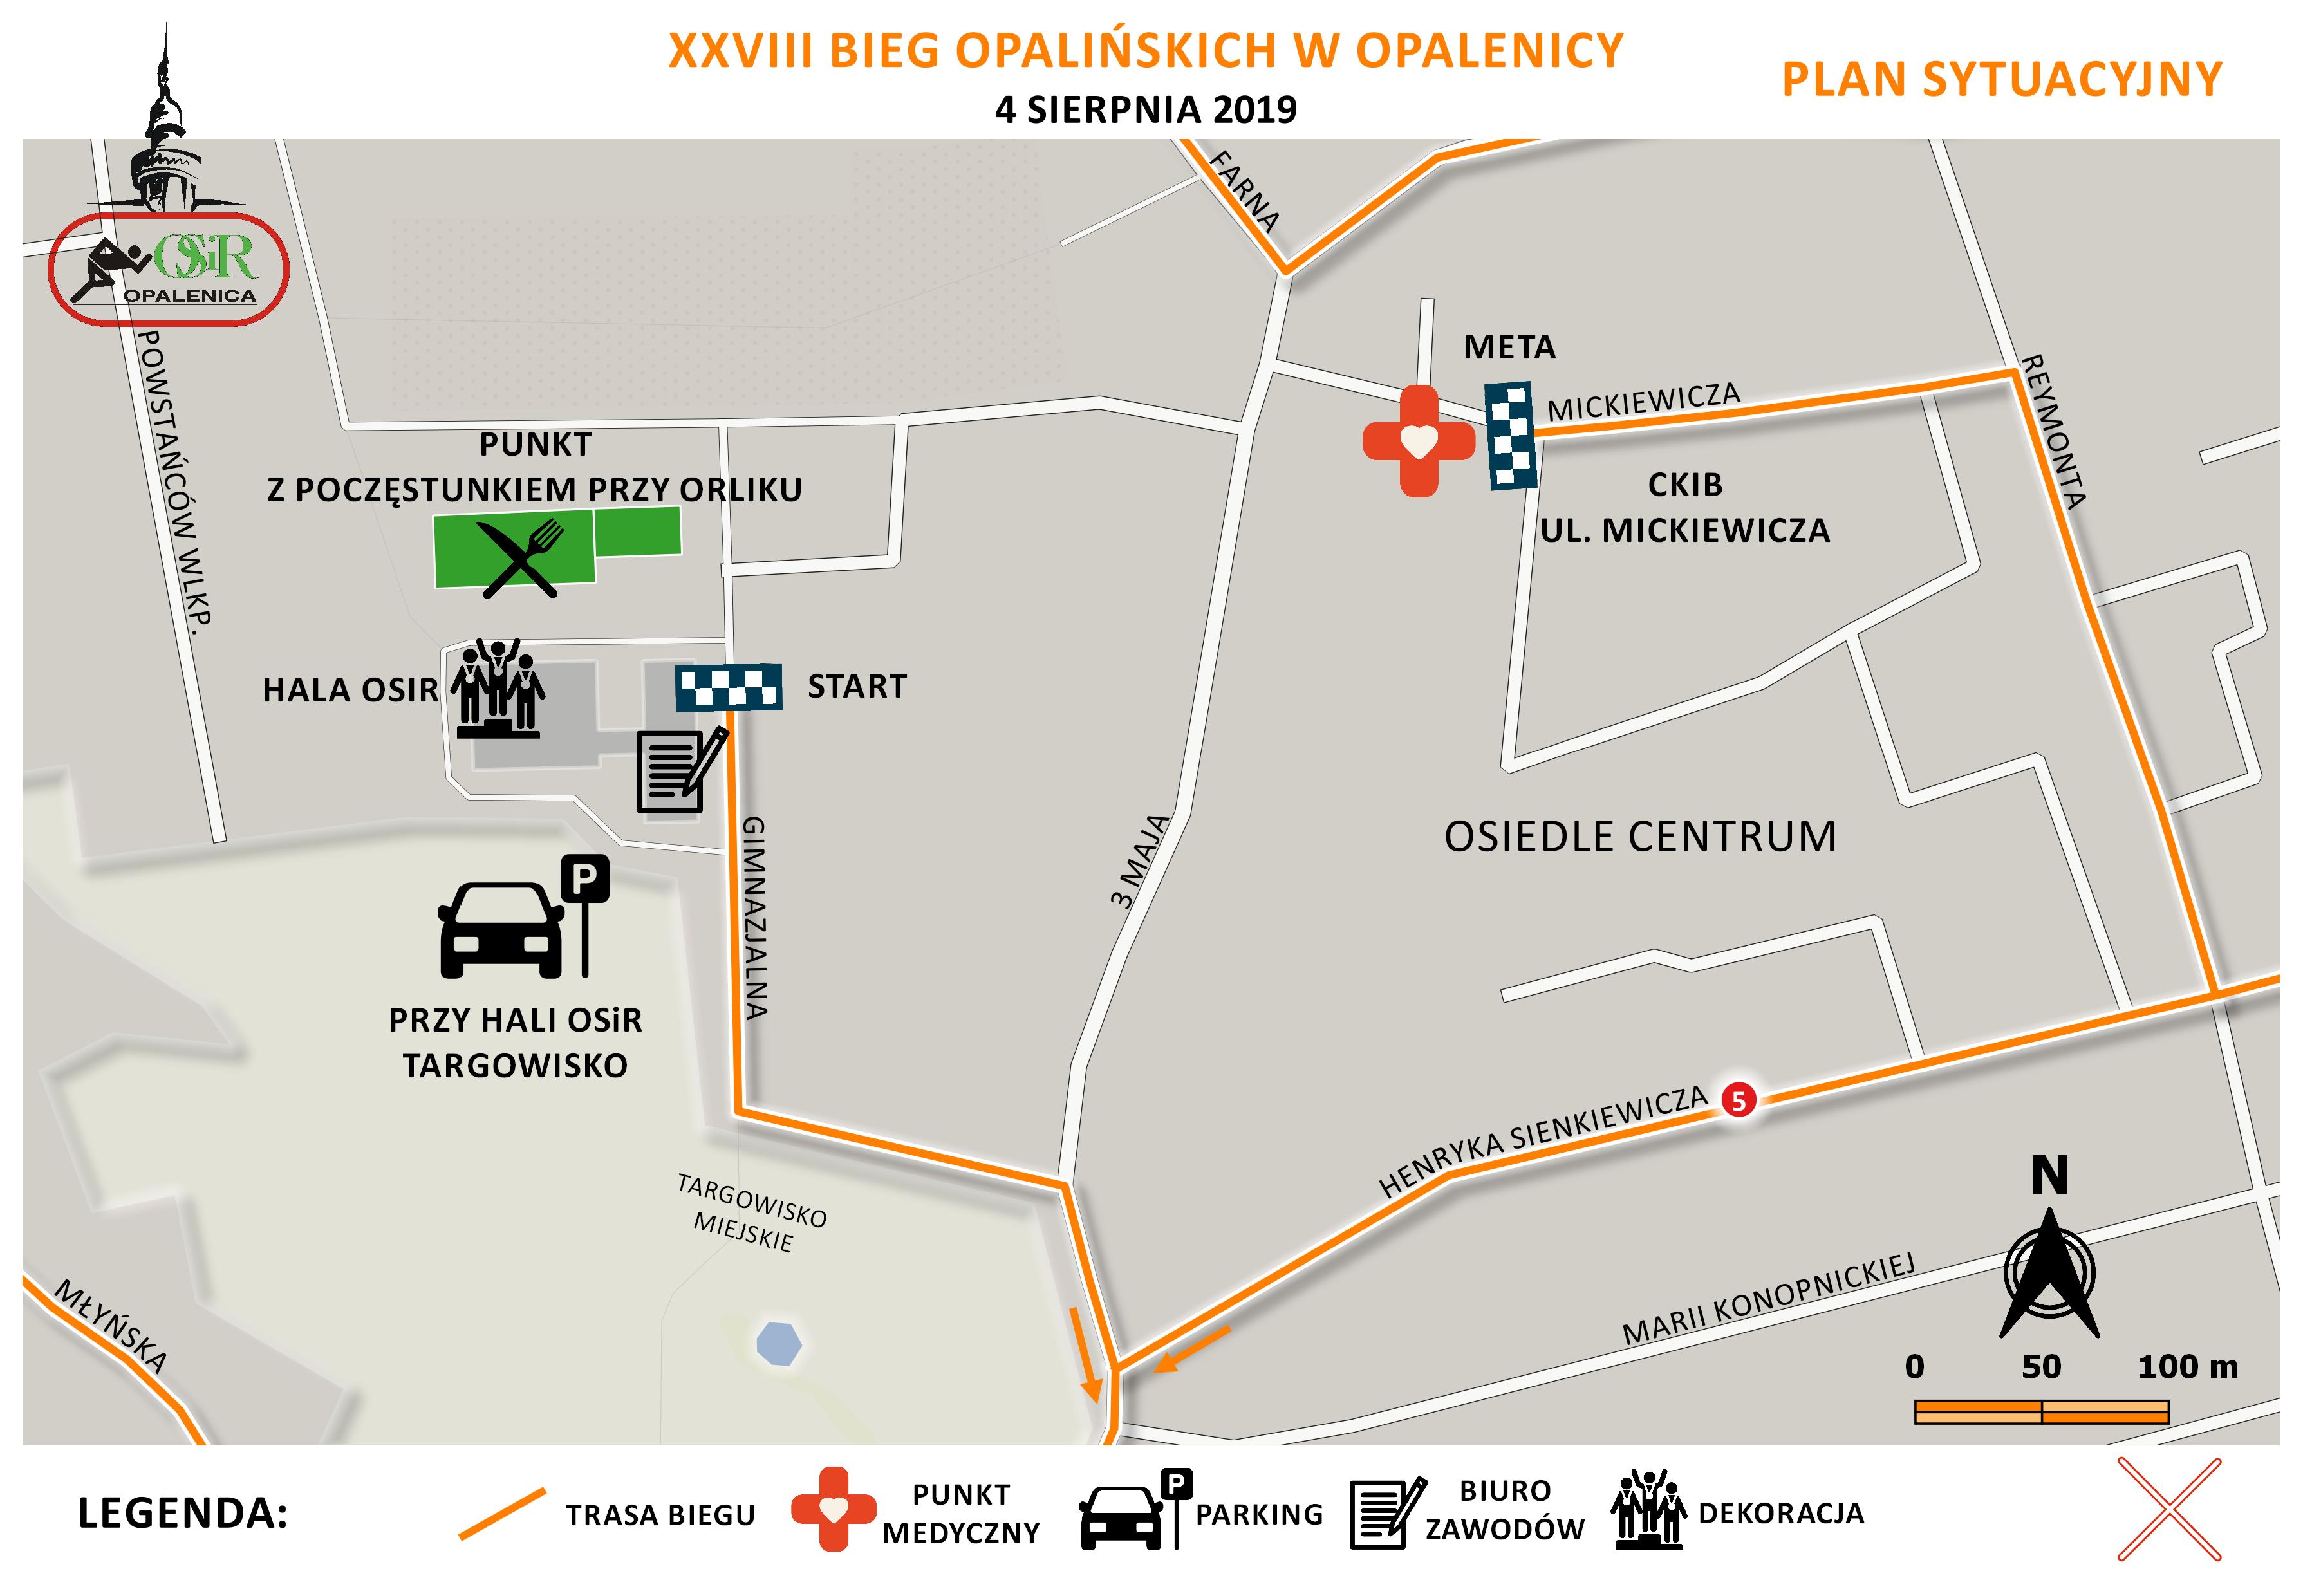 Plan sytuacyjny Bieg Opalińskich 2019